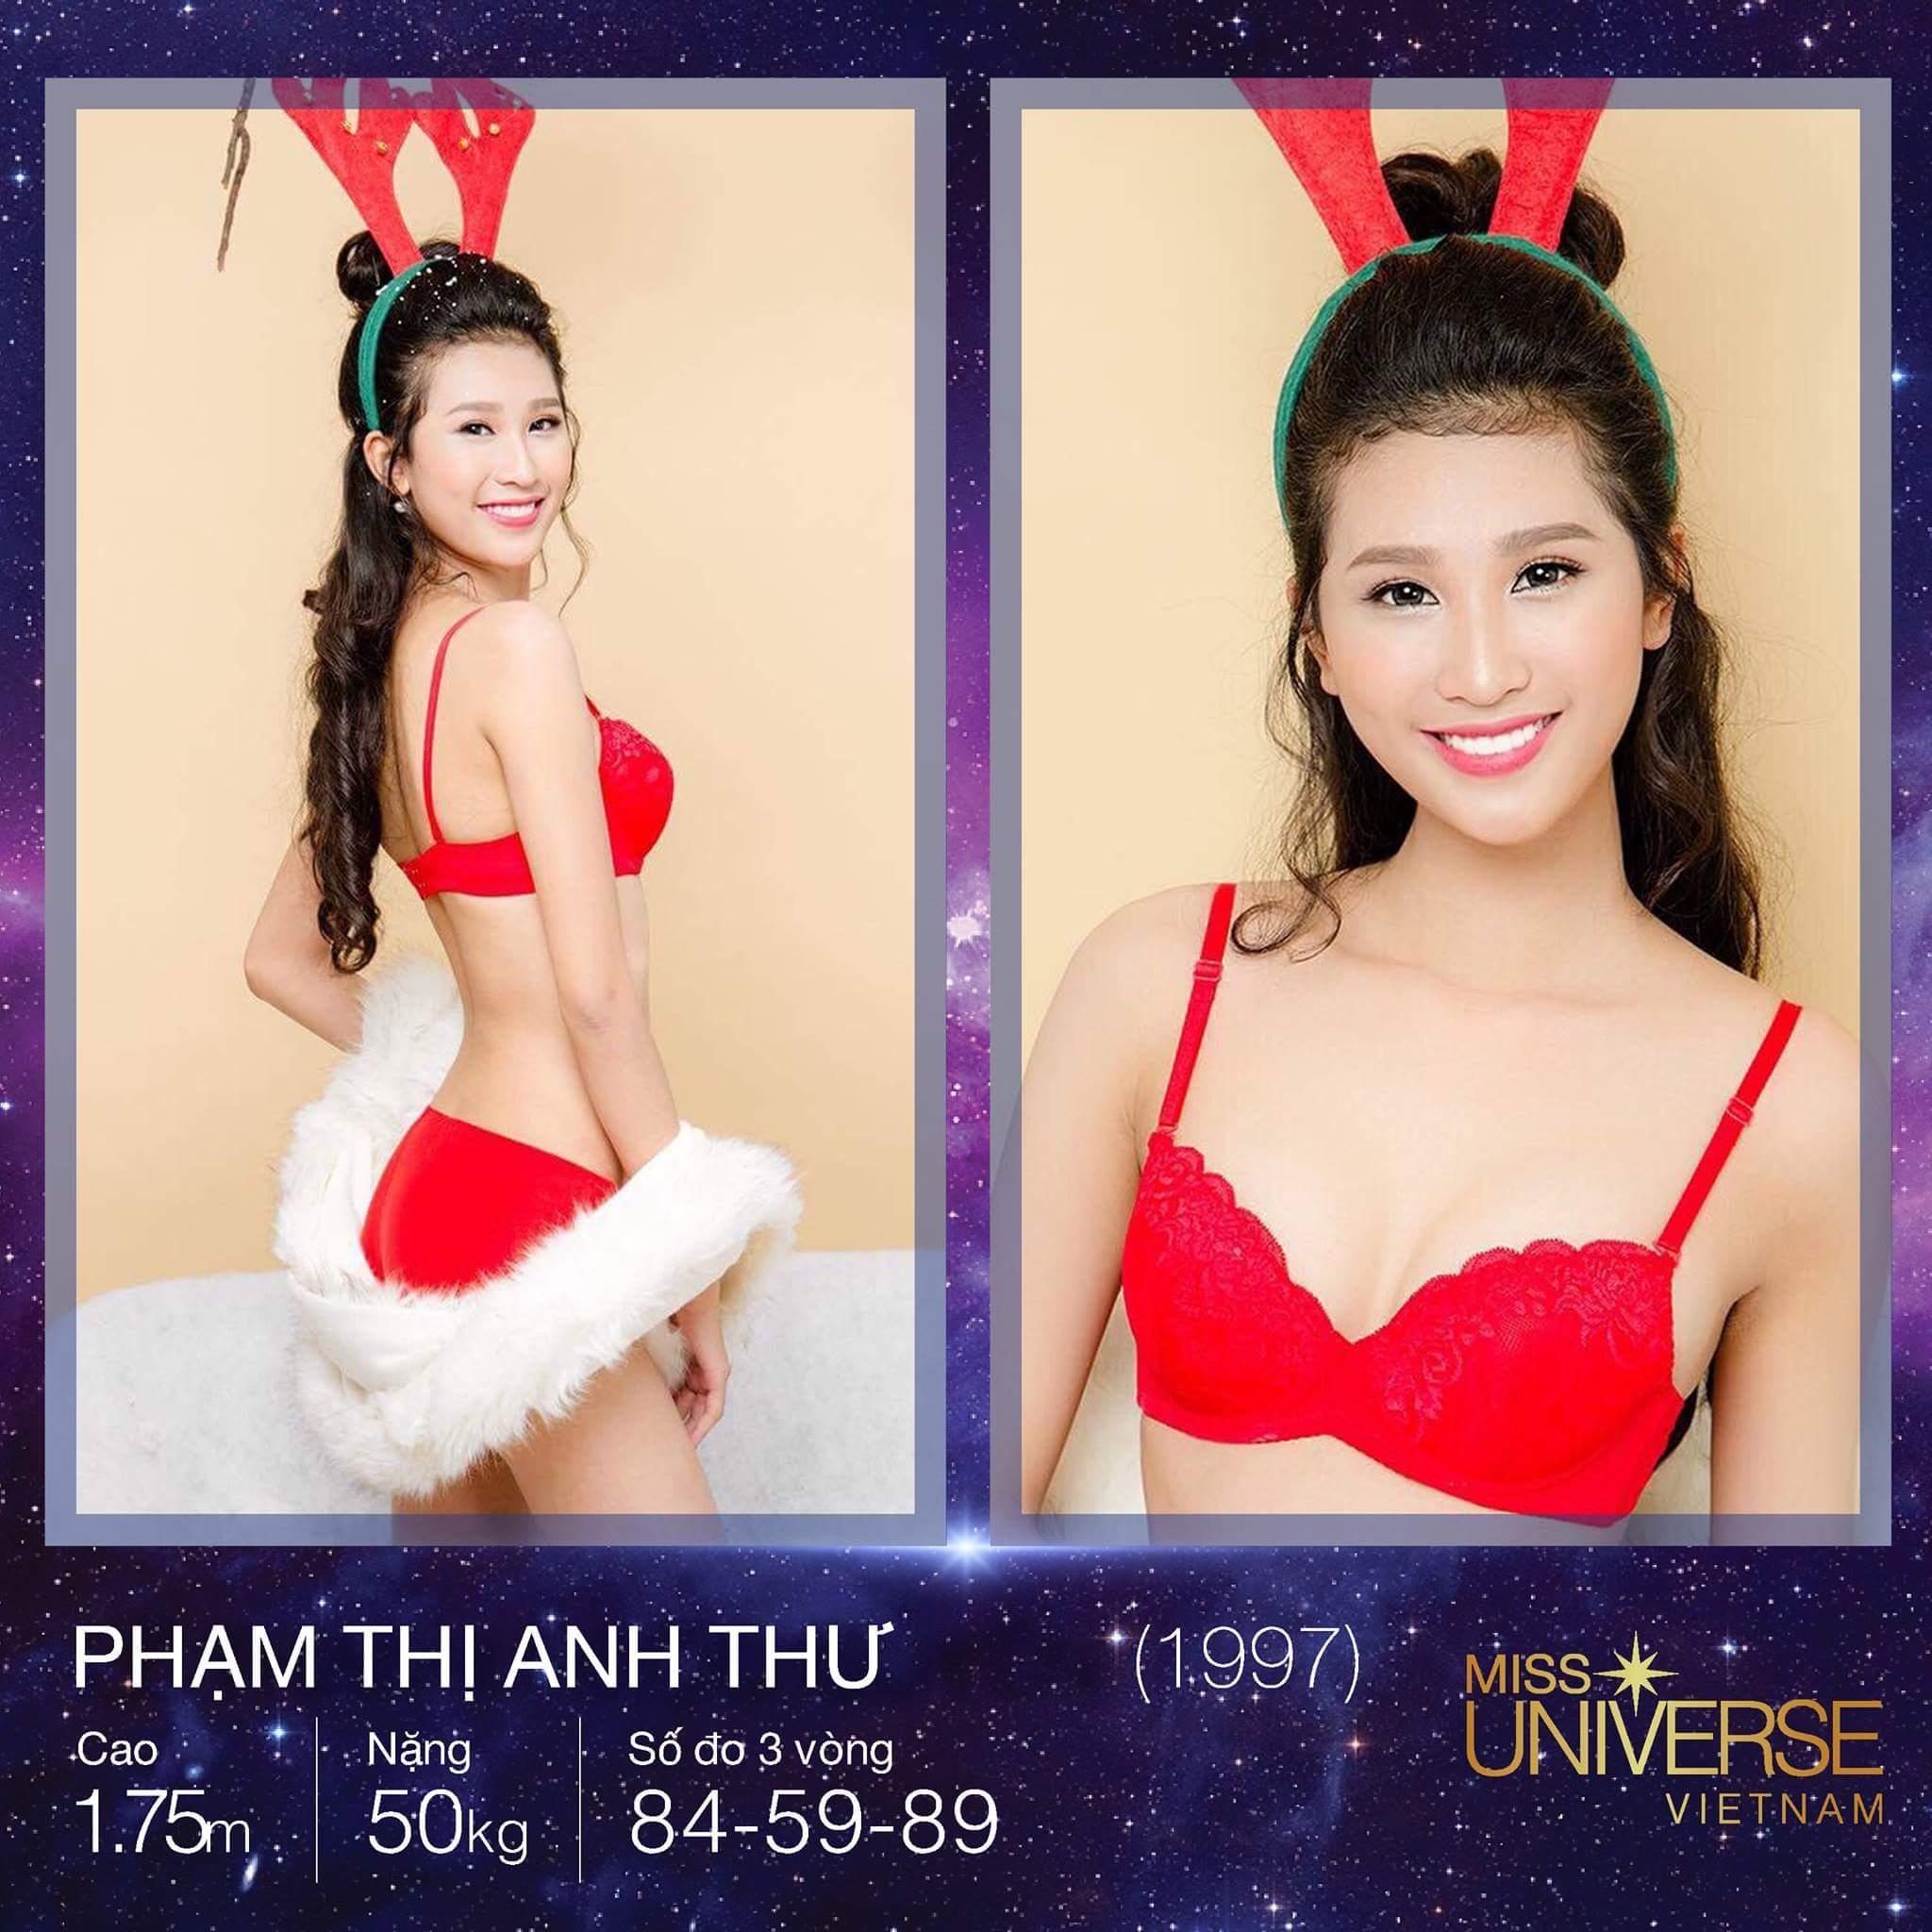 Hoa hậu Hoàn vũ Việt Nam 2017: Cuộc chiến của những đại mỹ nhân-10